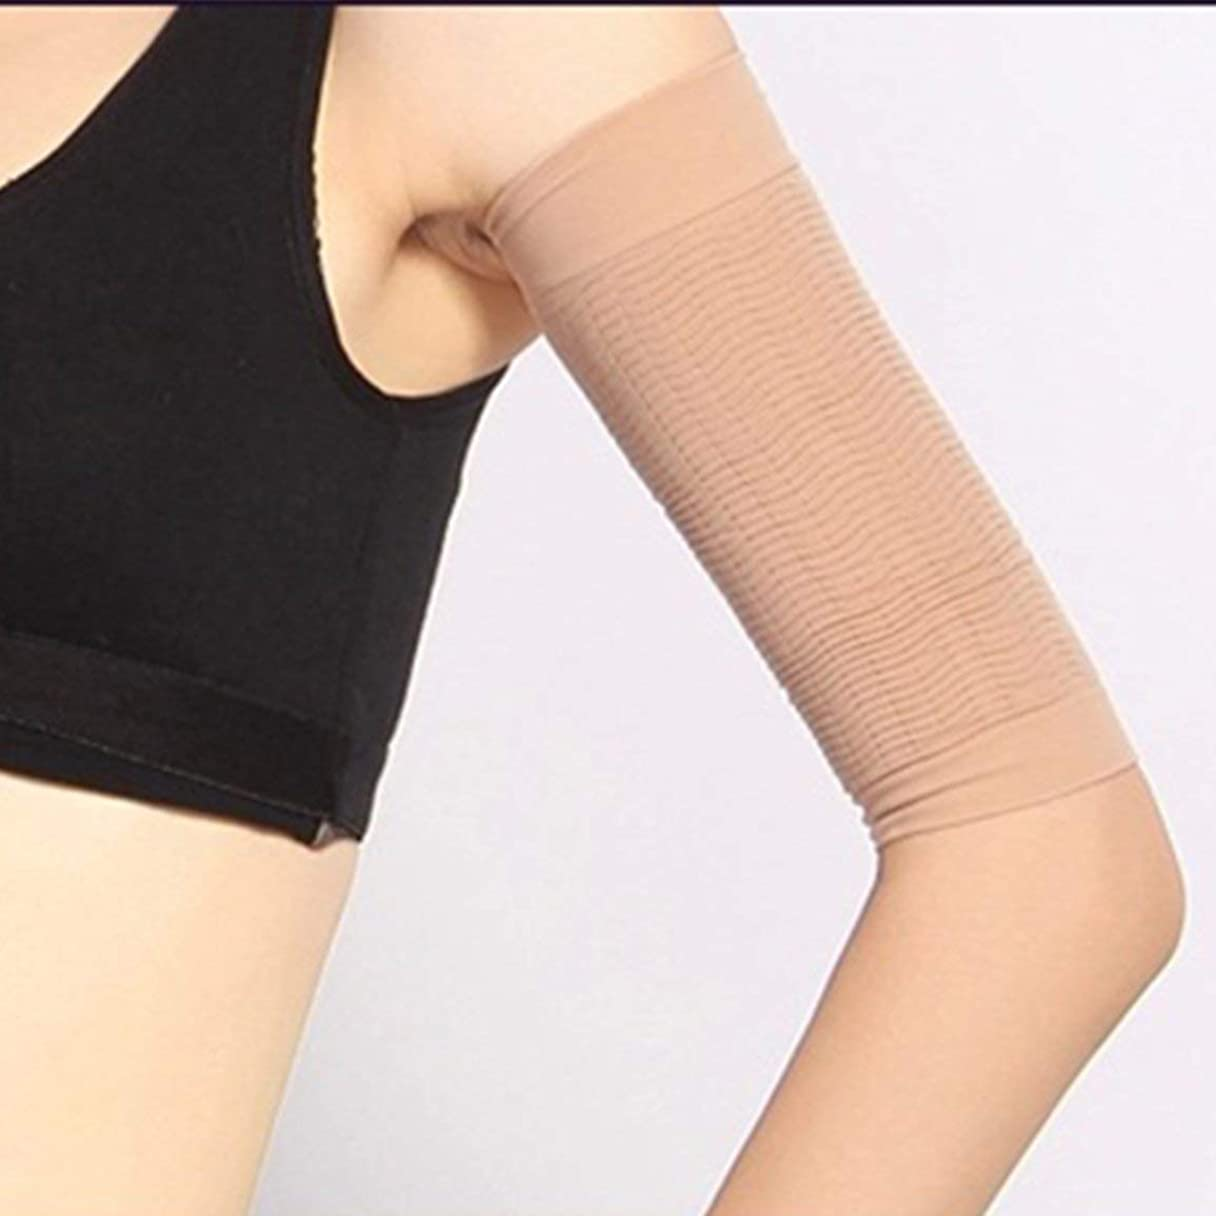 出血人に関する限りタイト1ペア420 D圧縮痩身アームスリーブワークアウトトーニングバーンセルライトシェイパー脂肪燃焼袖用女性 - 肌色